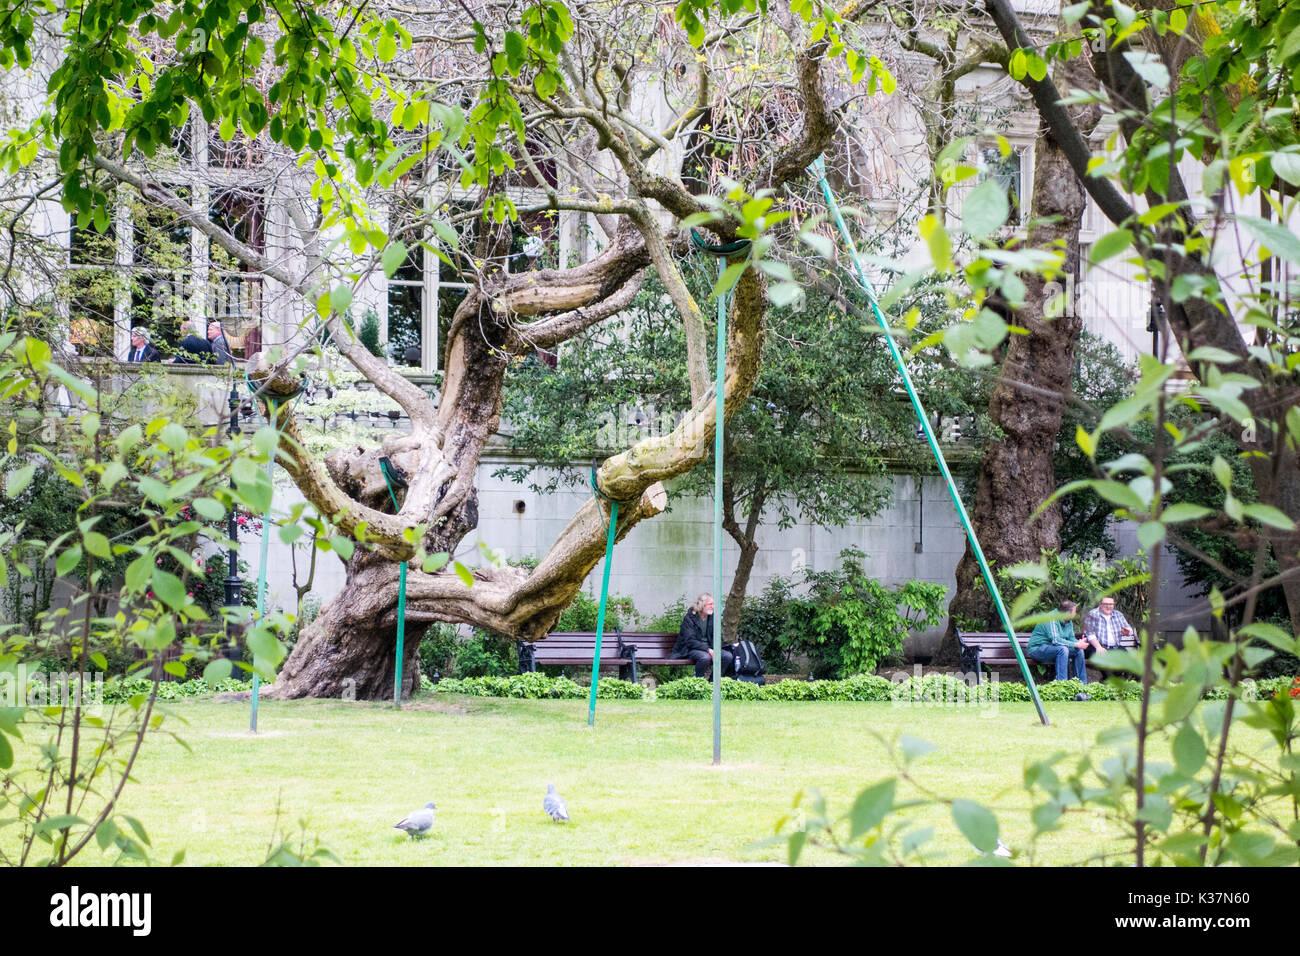 Antica catalpa con succursali supportati da puntelli di legno, Victoria Embankment Gardens, Città di Londra, Regno Unito Immagini Stock